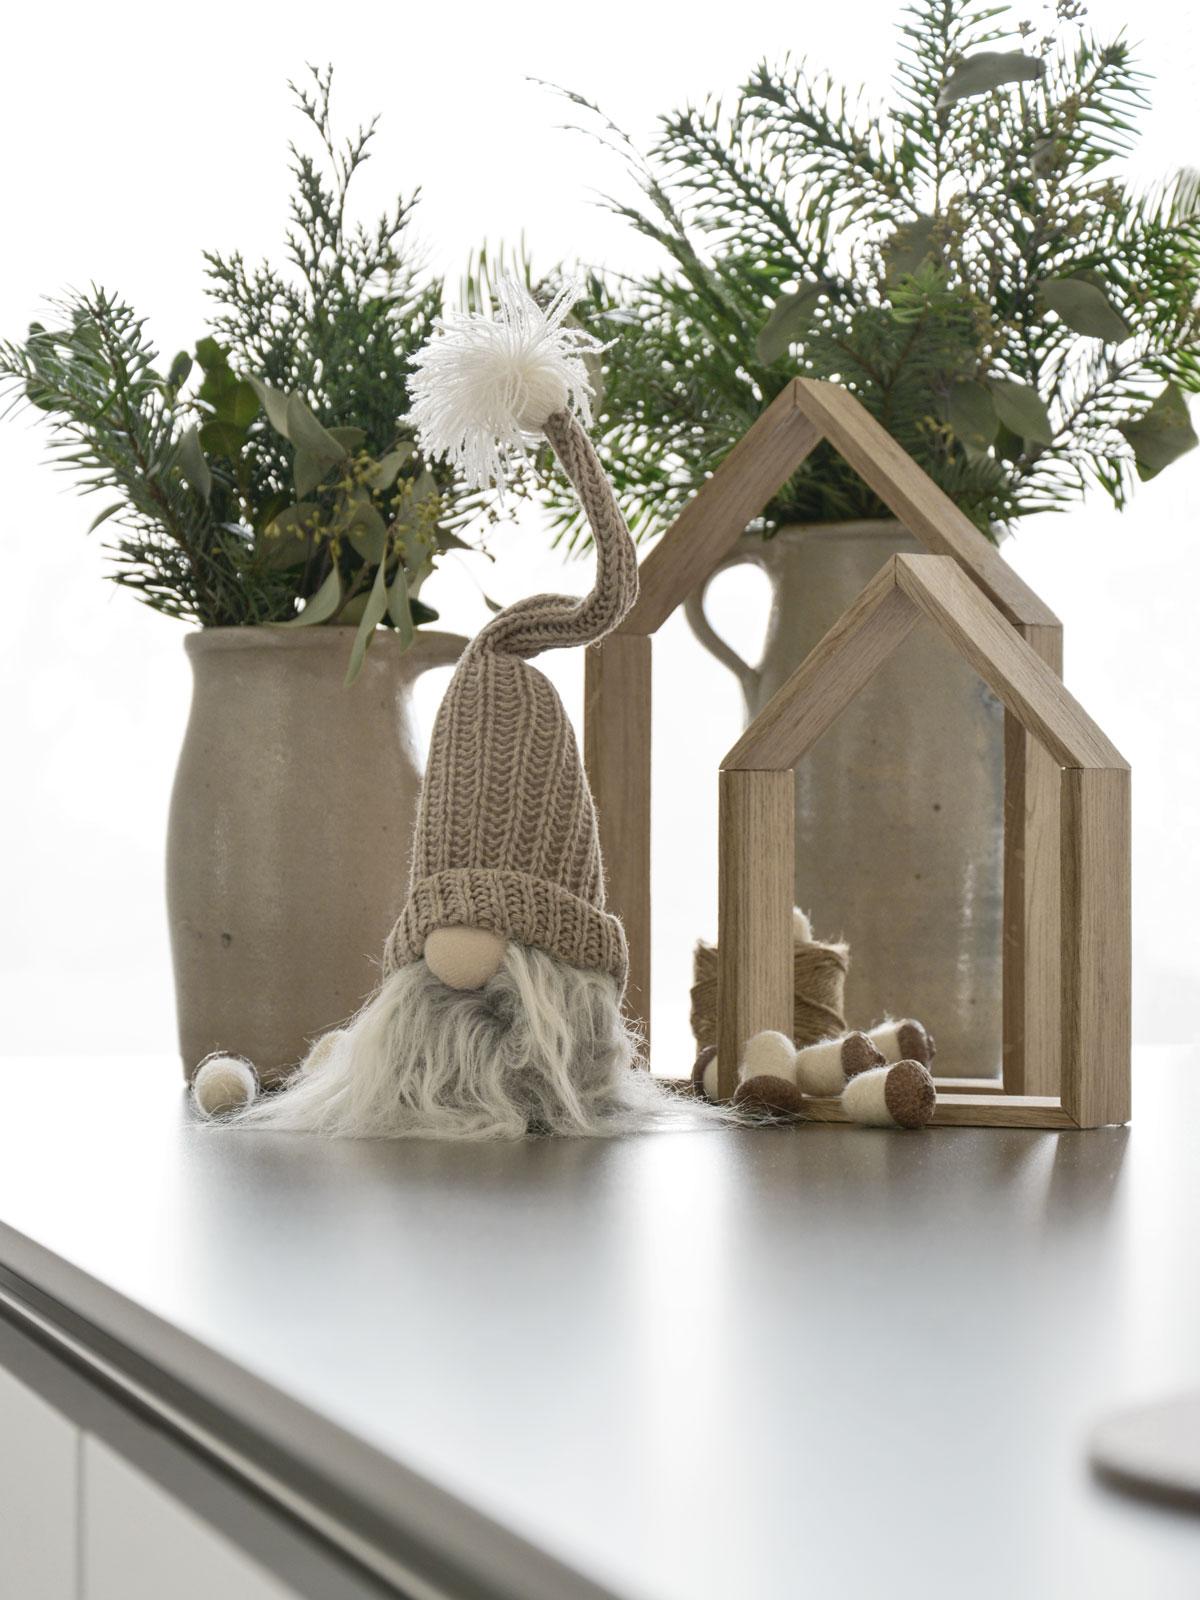 Dekoration jetzt ist weihnachten eingezogen mxliving for Dekoration weihnachten